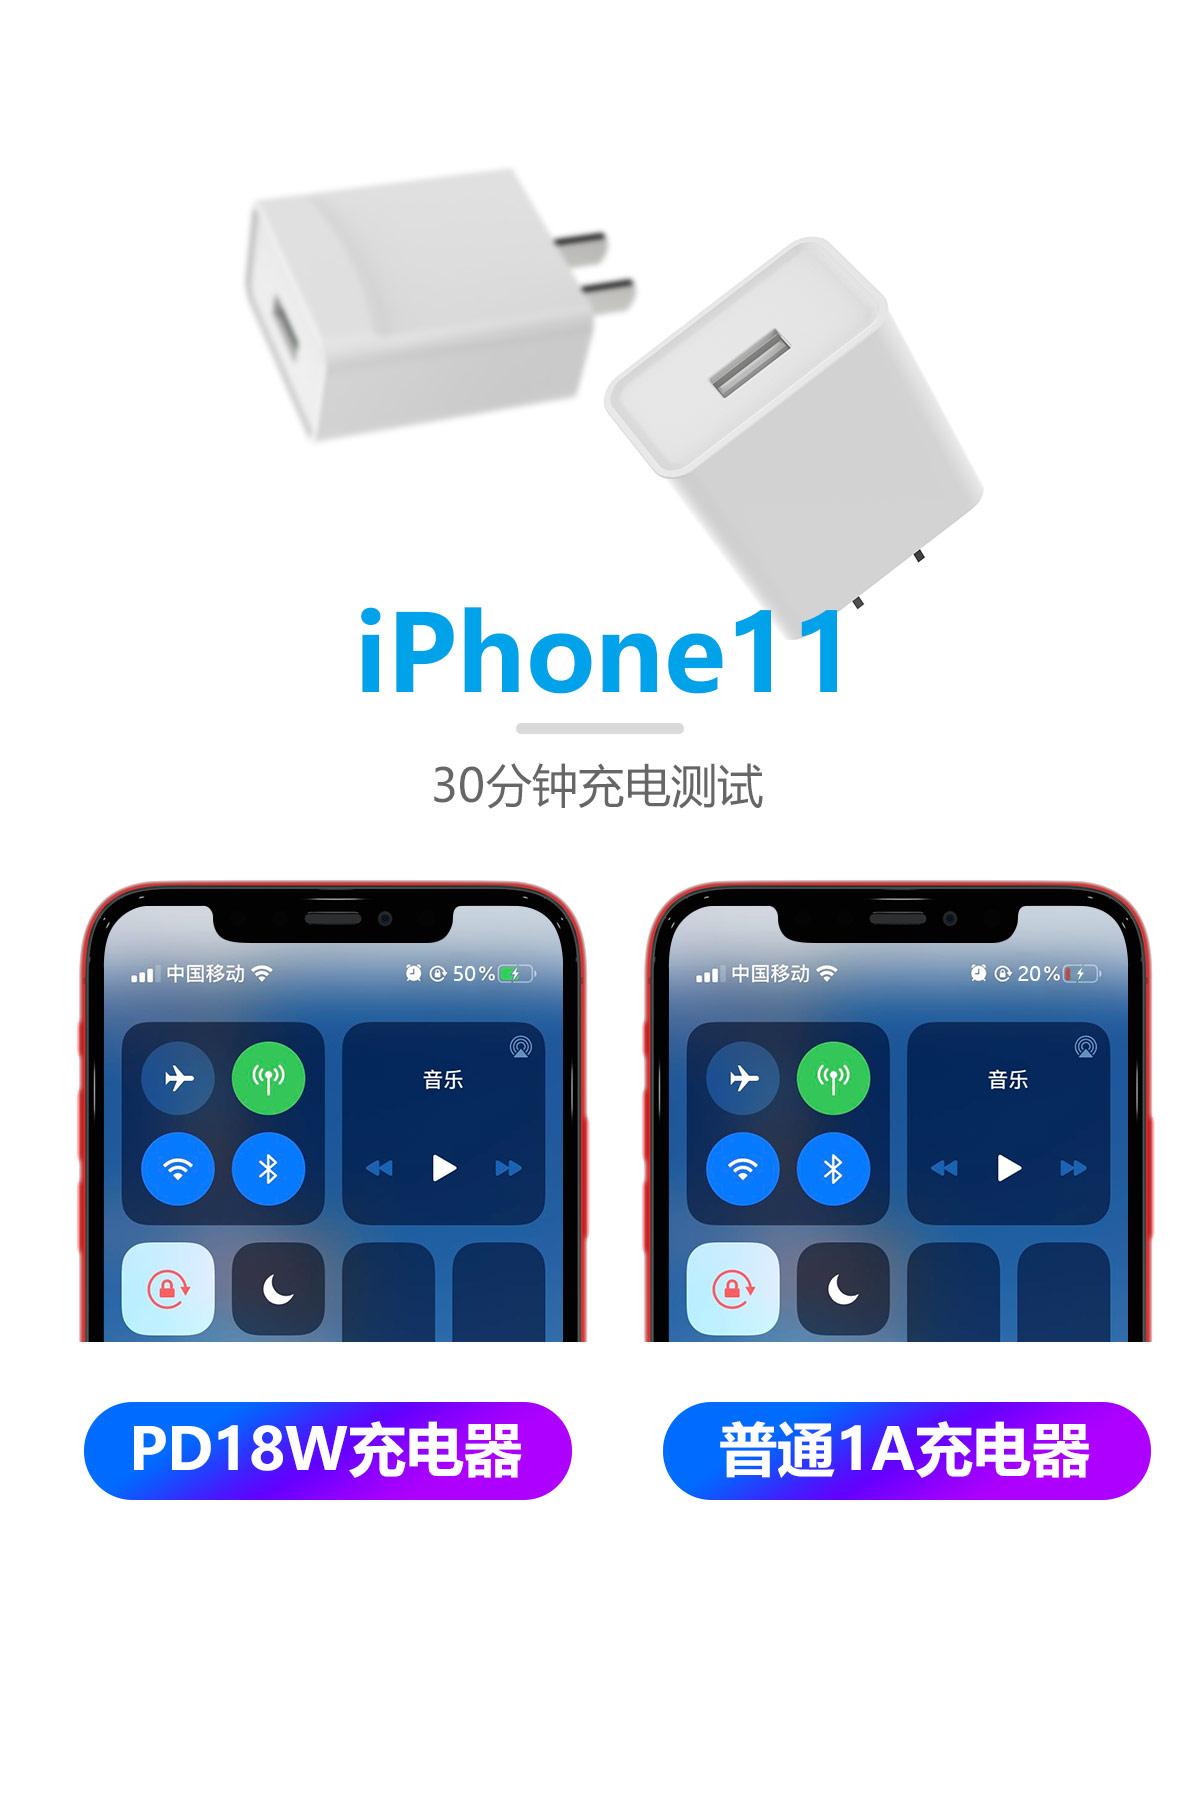 iPhone11 30分钟充电测试 PD18W充电器 普通1A充电器